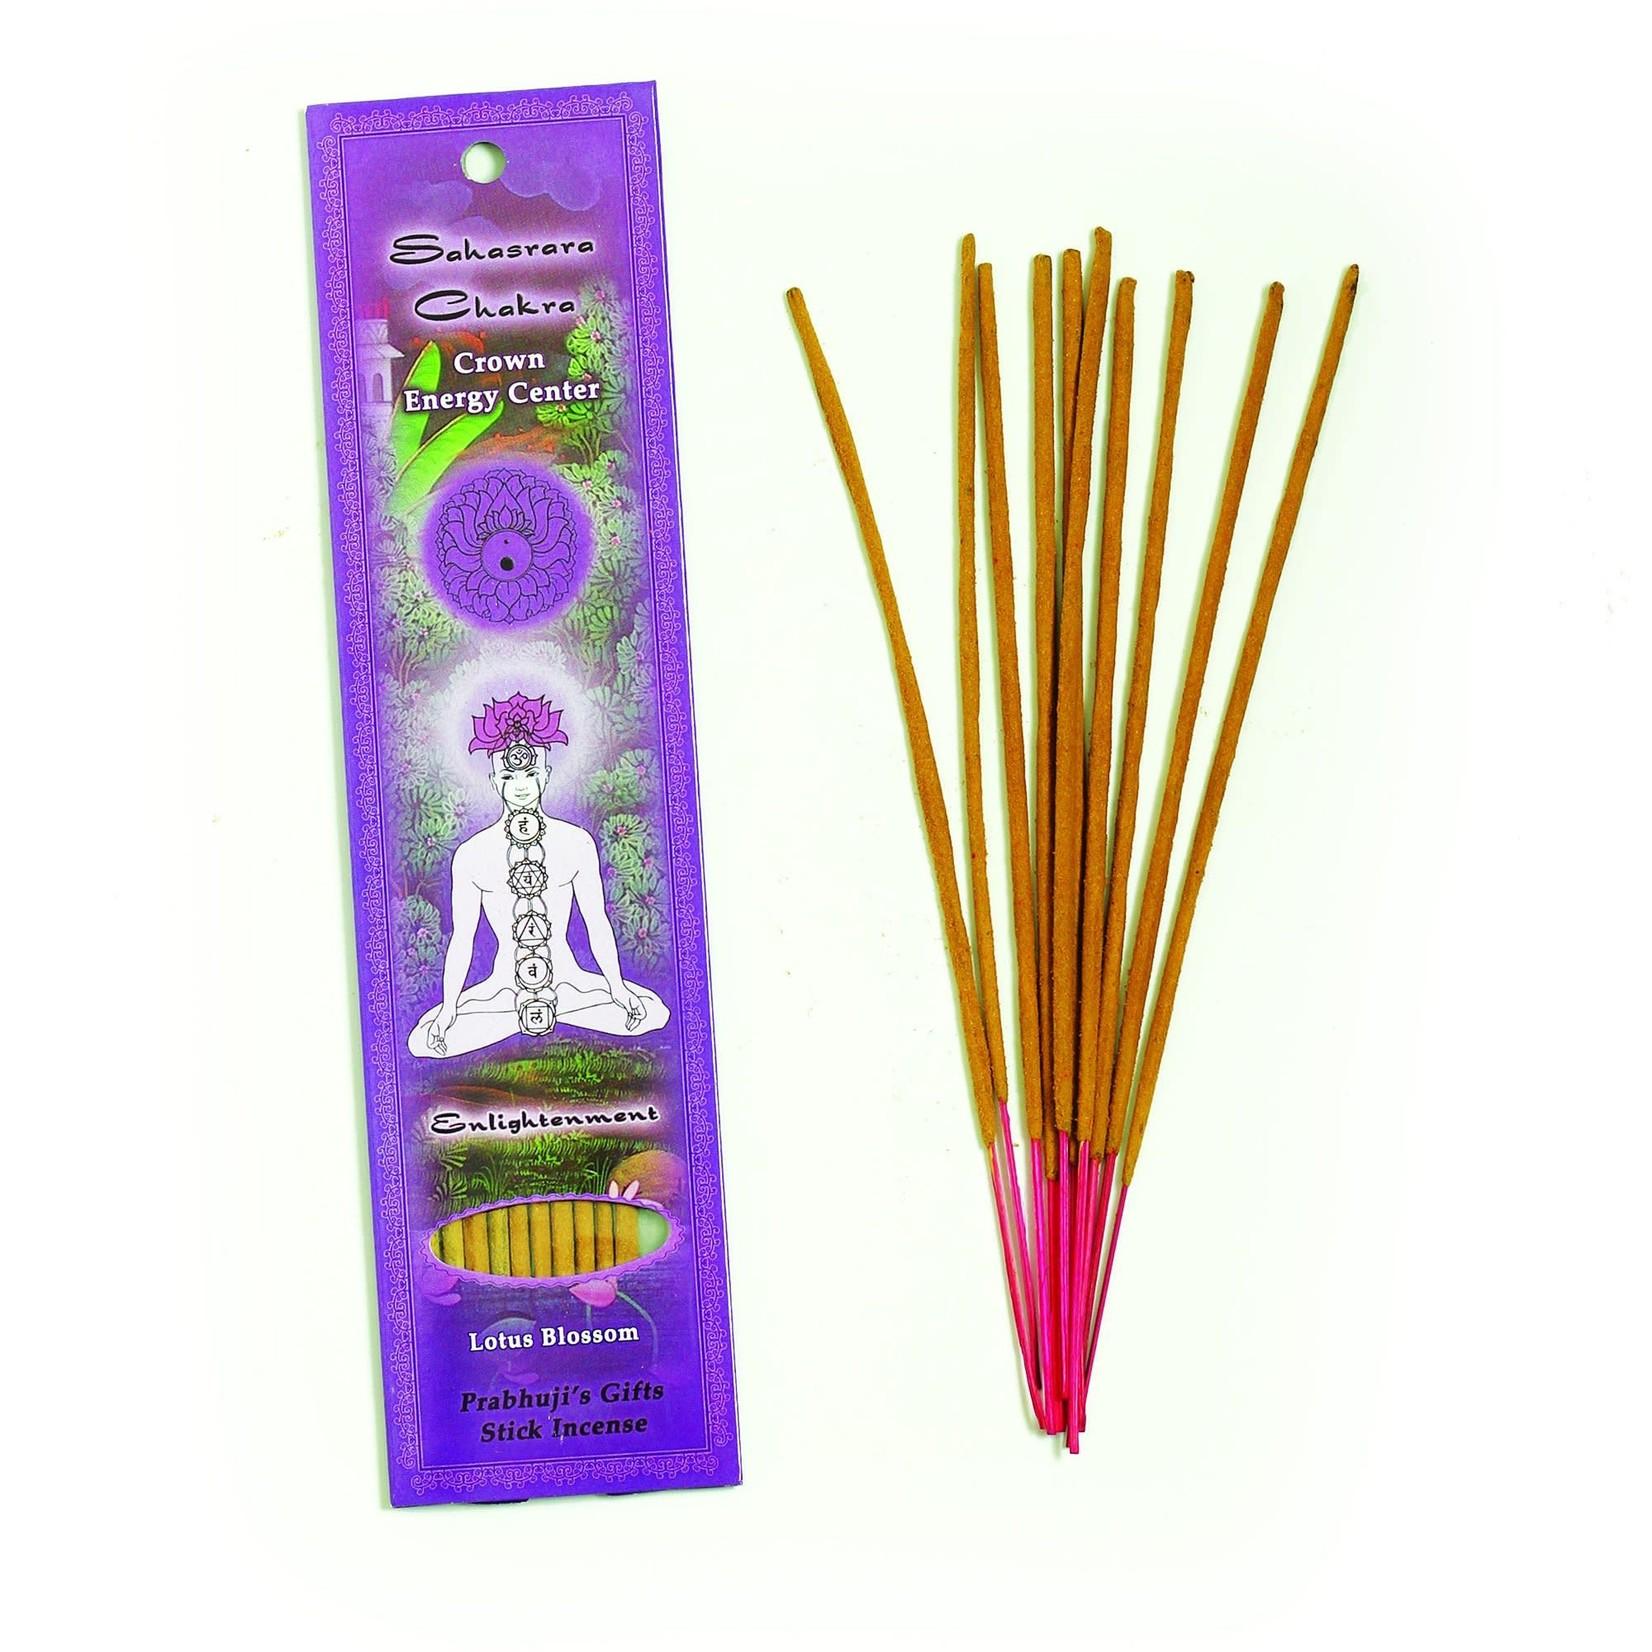 Prabhujis Gifts Crown Chakra Sahasrara - Enlightenment Incense Sticks